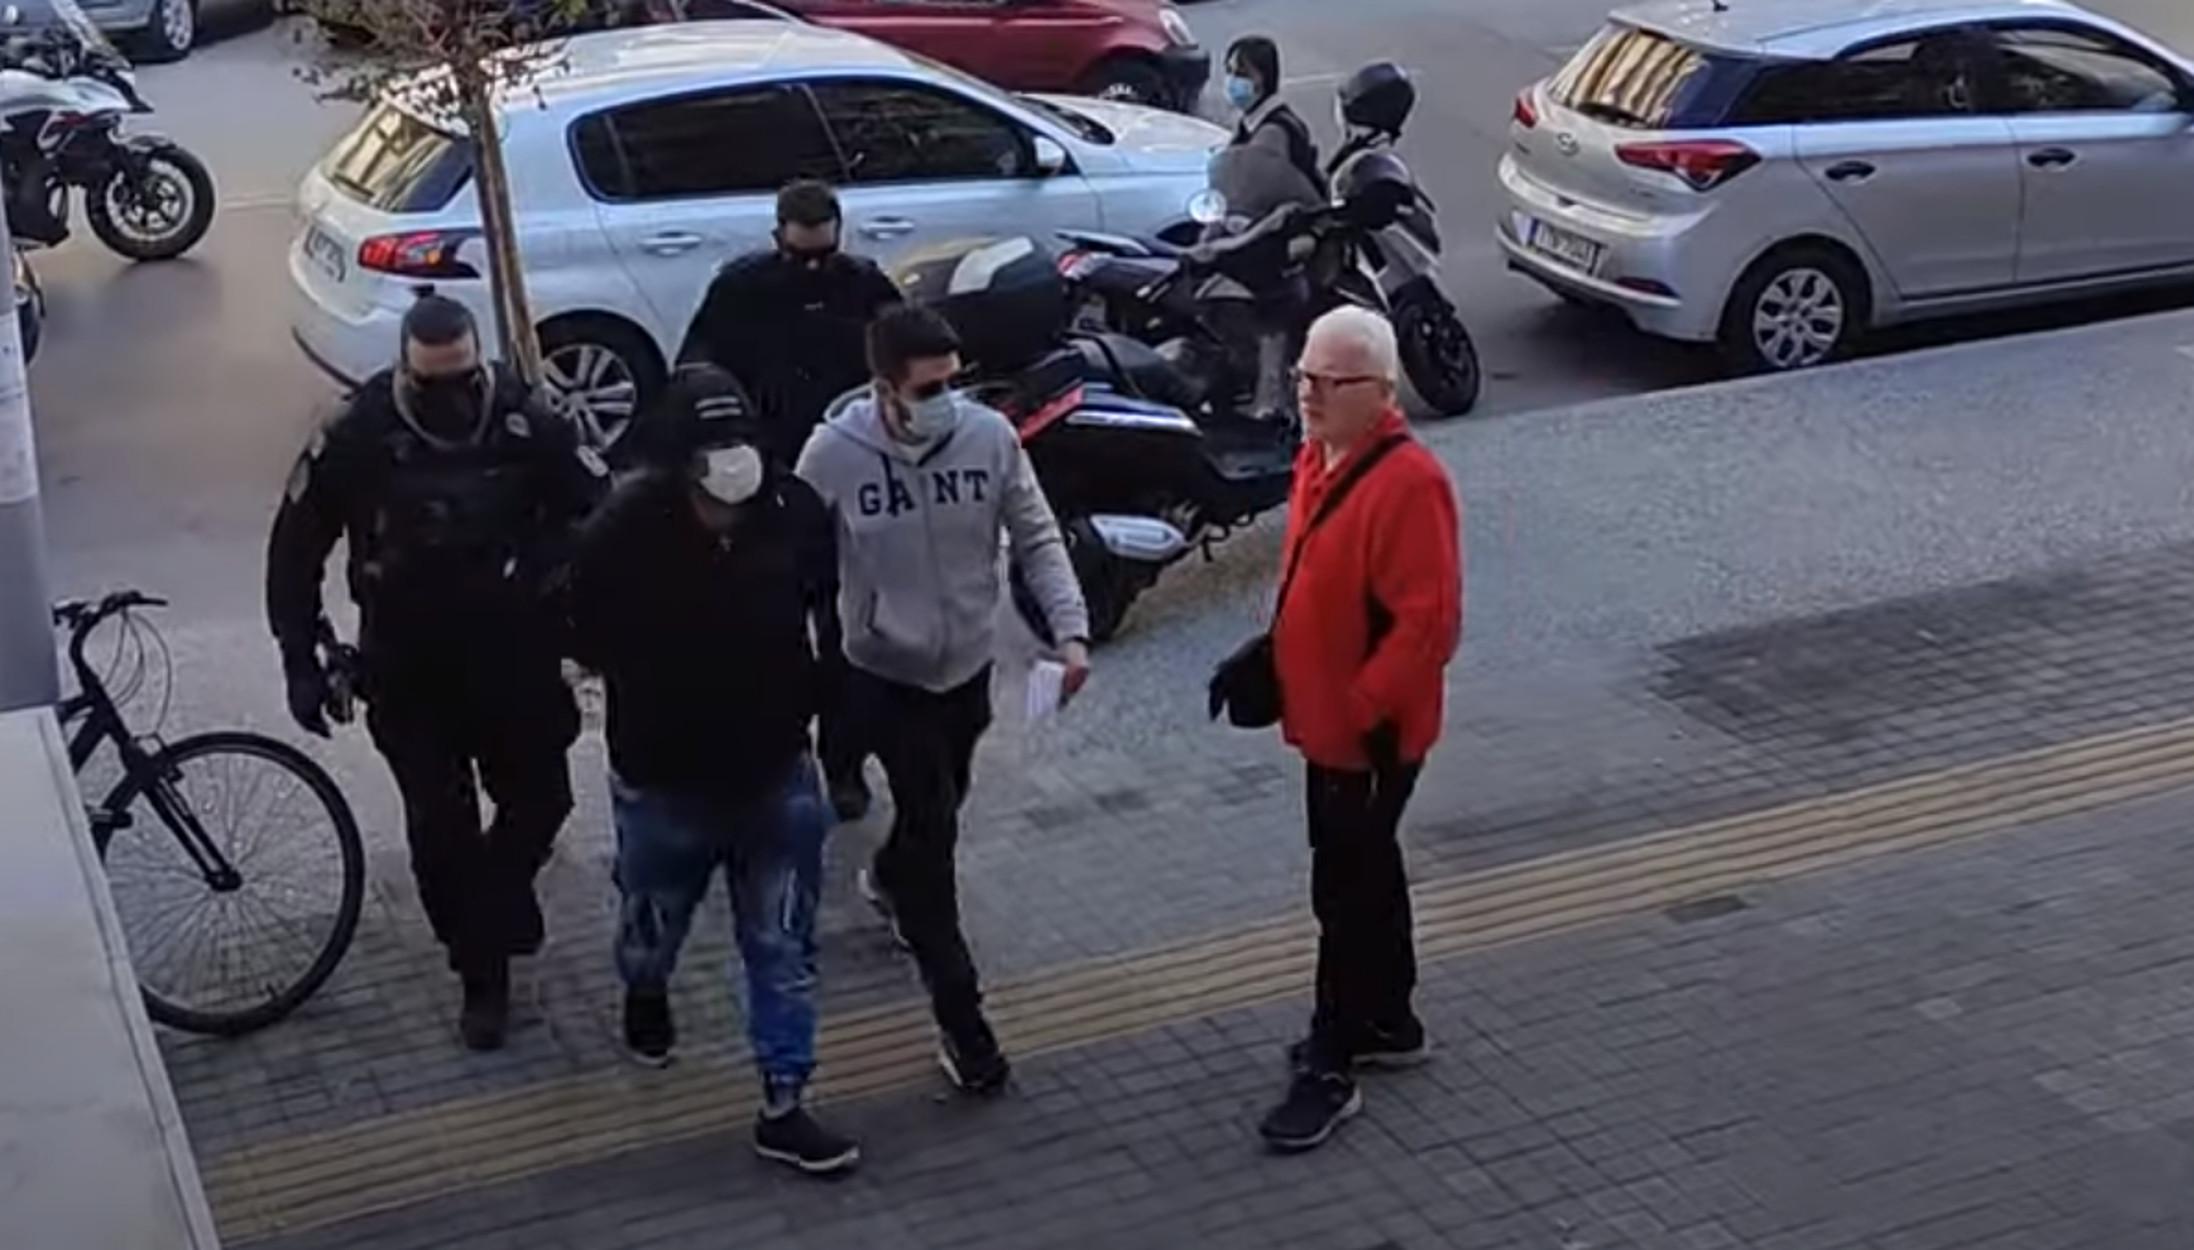 Θεσσαλονίκη: Ποινική δίωξη στον 30χρονο για την επίθεση στα μέλη της ΚΝΕ – Ελεύθερος μέχρι τη δίκη